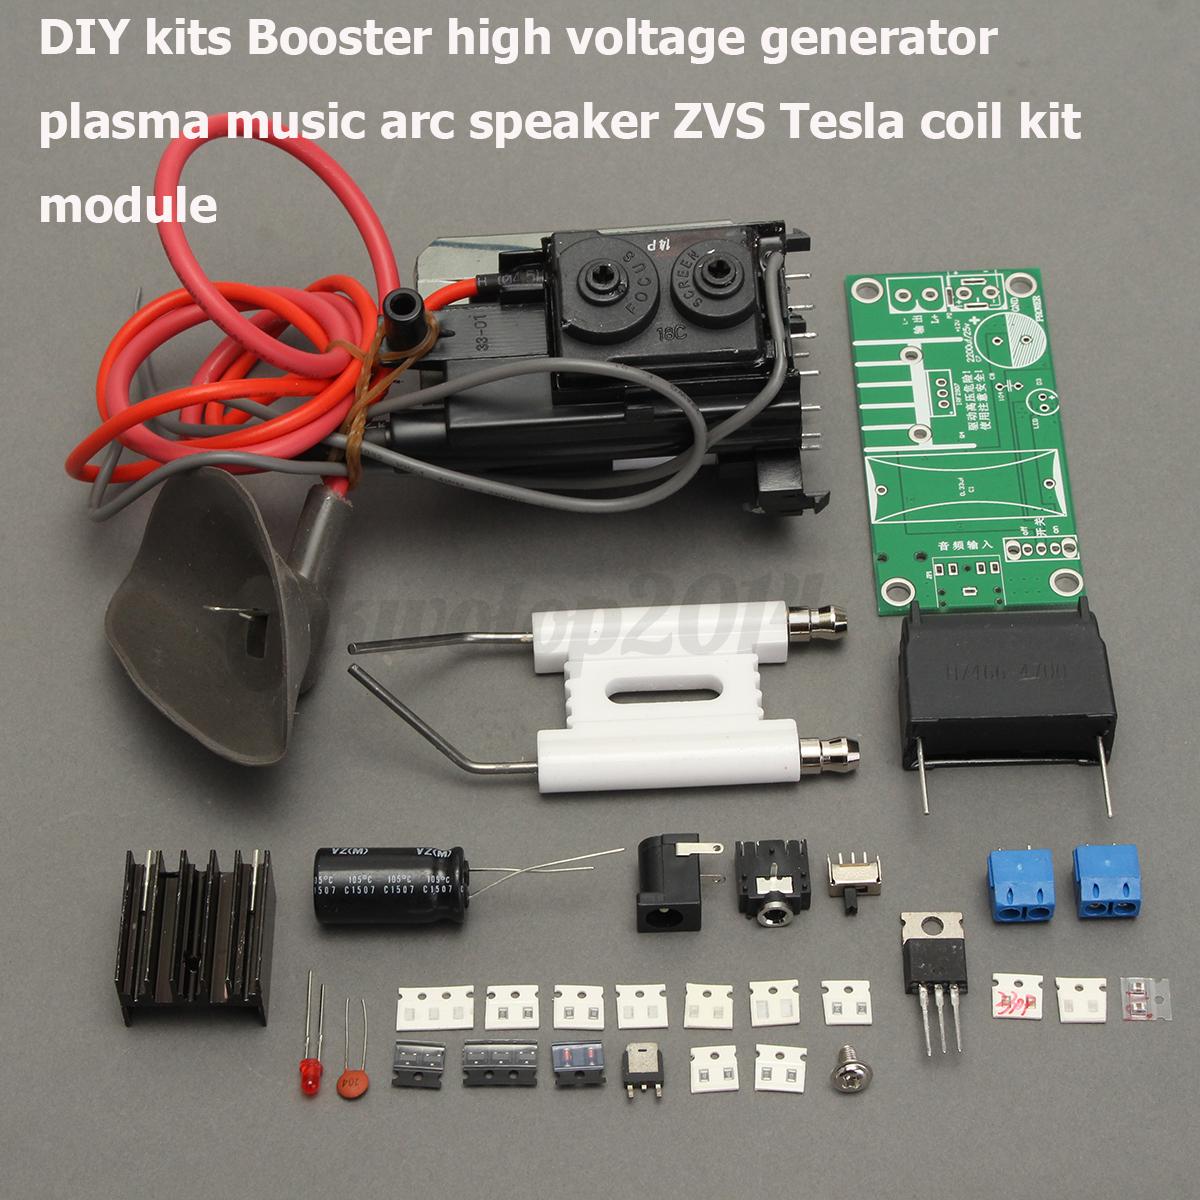 High Voltage Kit : Kv tesla coil zvs booster high voltage generator plasma